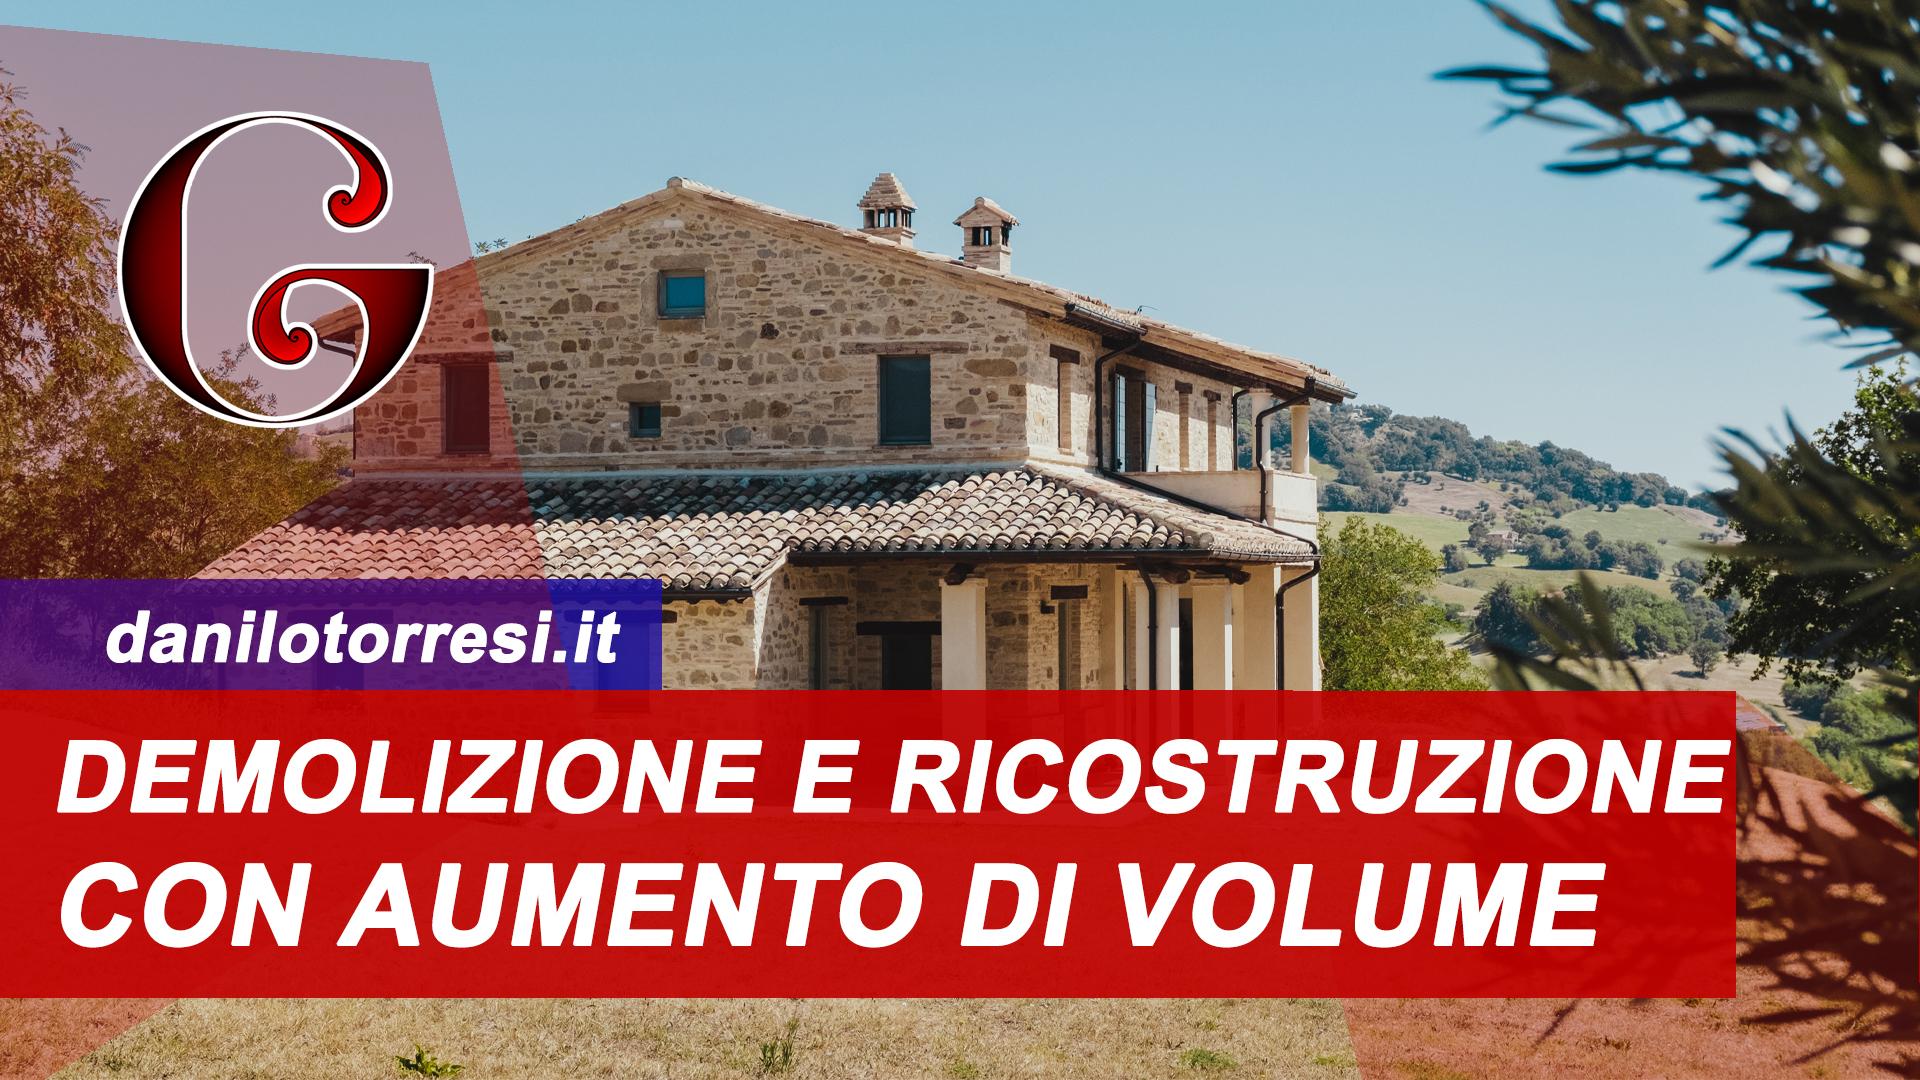 Ristrutturazione Con Demolizione E Ricostruzione Con Aumento Di Volume E Ampliamento Agevolazioni Danilo Torresi